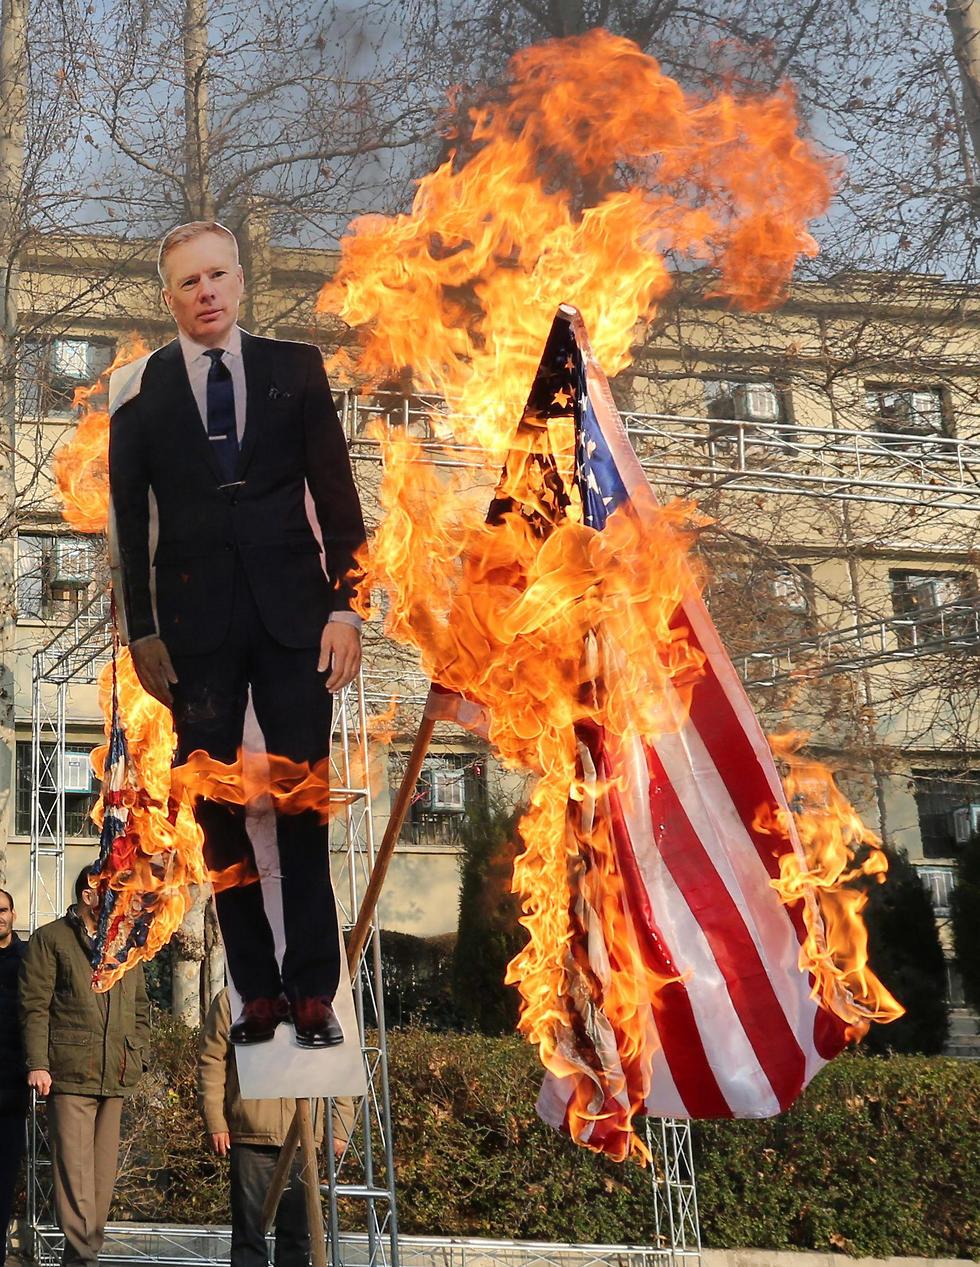 הפגנה של הבסיג' באוניברסיטת טהרן, שמציתים דמות קרטון של השגריר הבריטי (צילום: AFP)